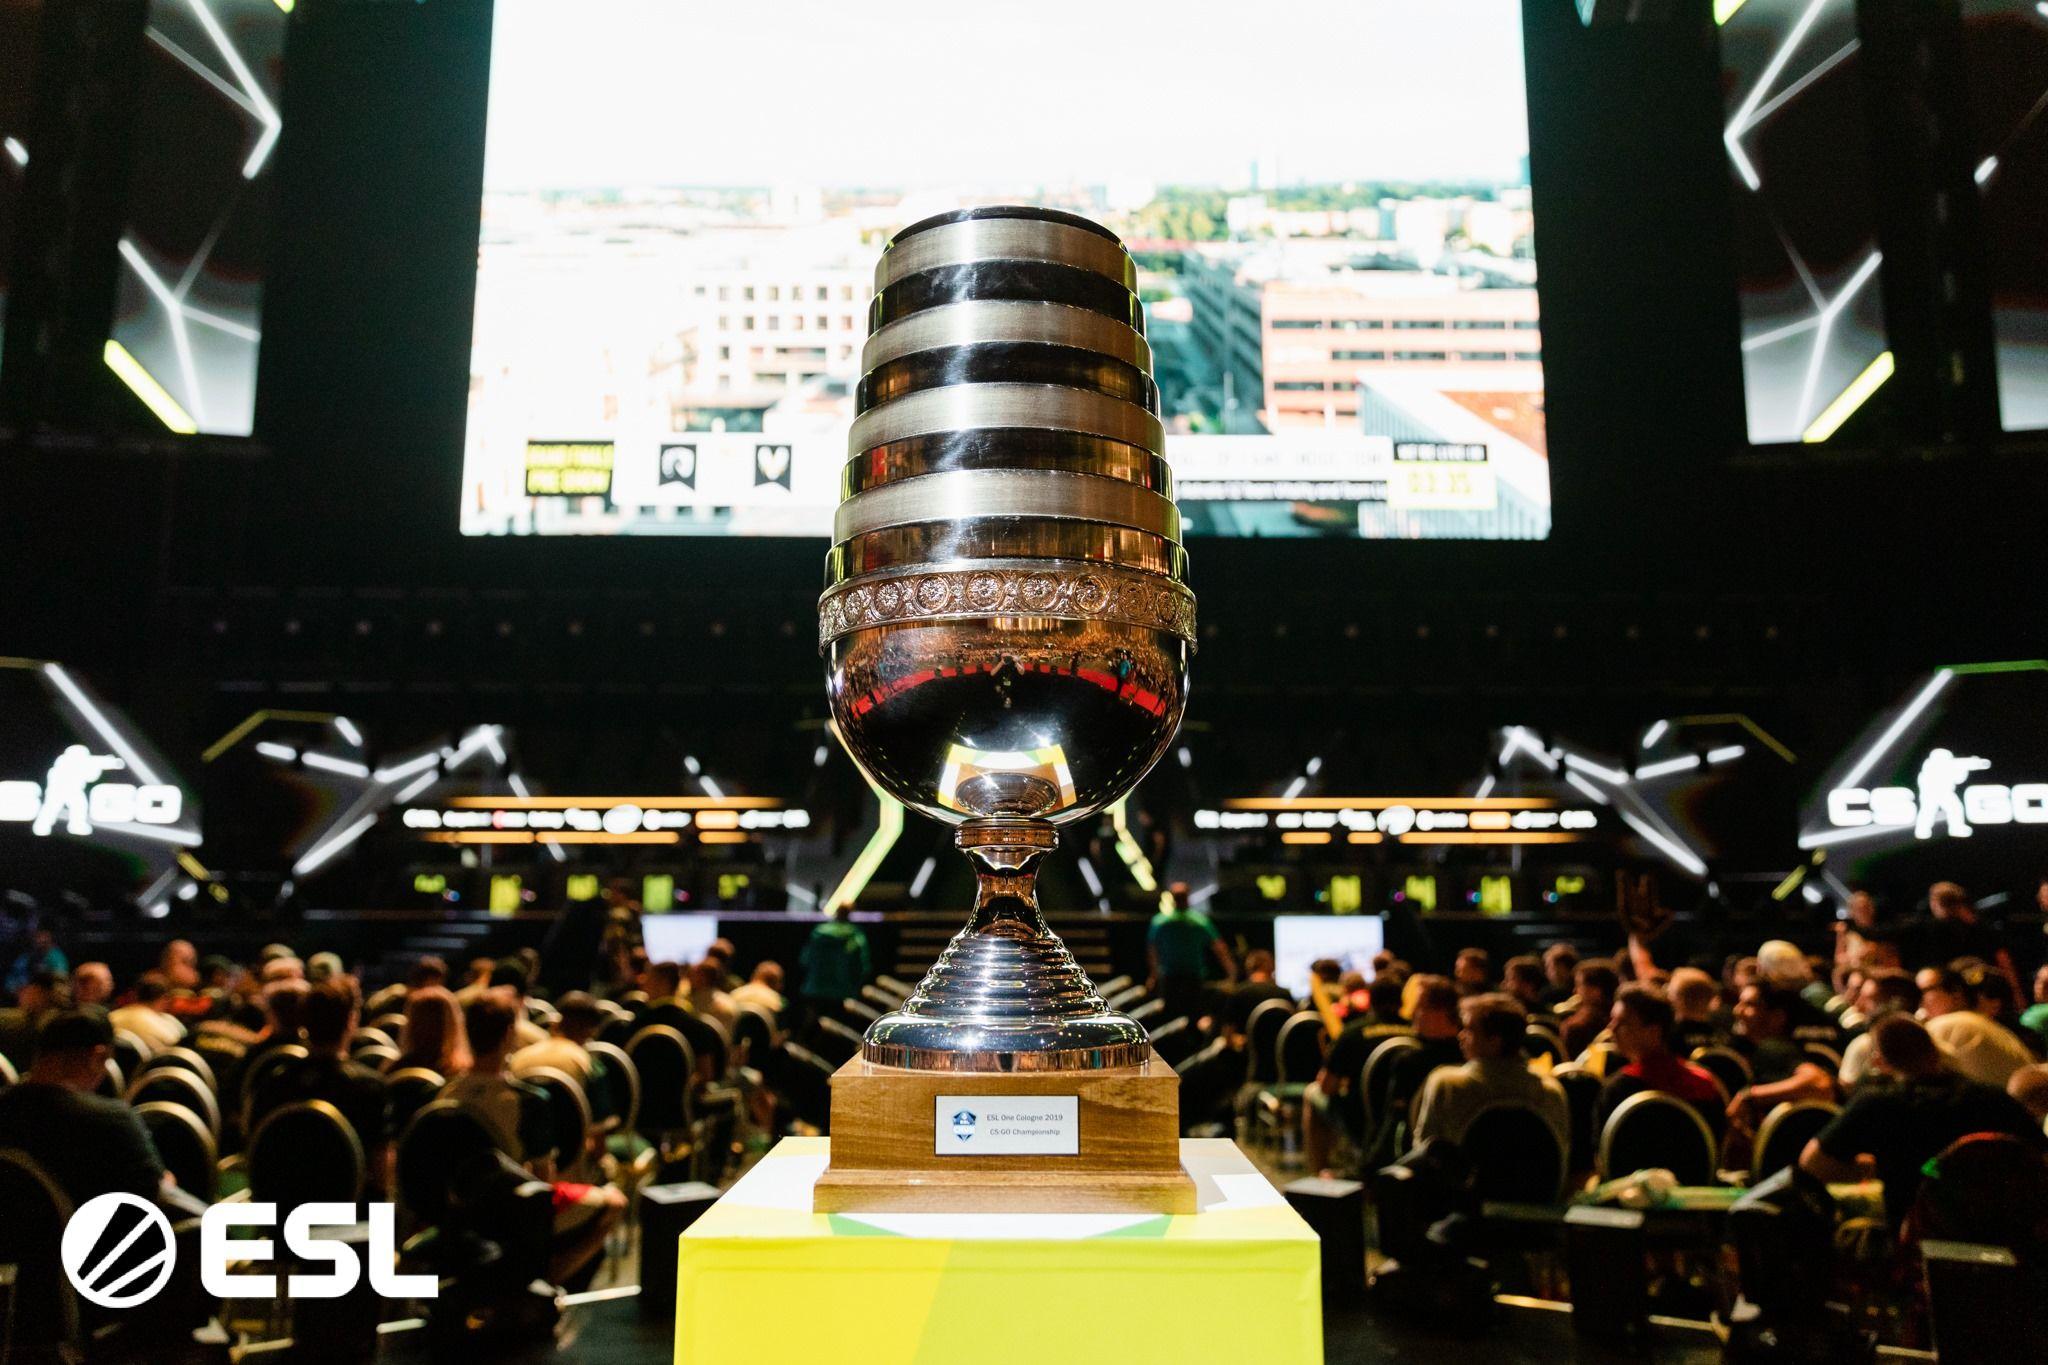 ESL Cologne trophy